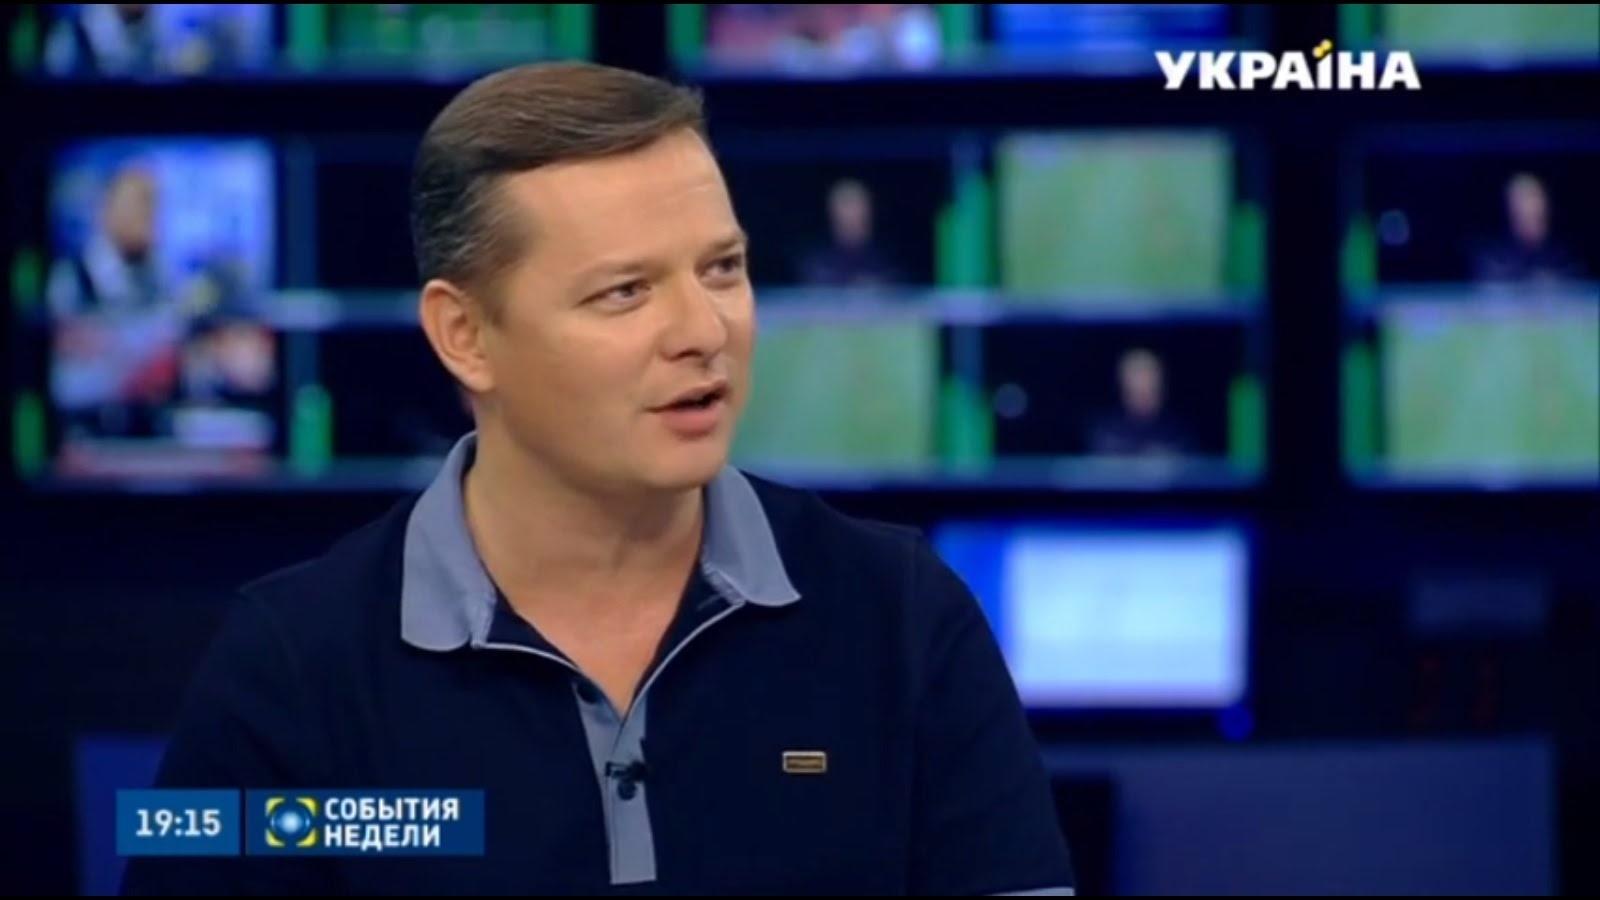 Телеканал «Україна» Ахметова у звіті політичної сили не згадується жодного разу.